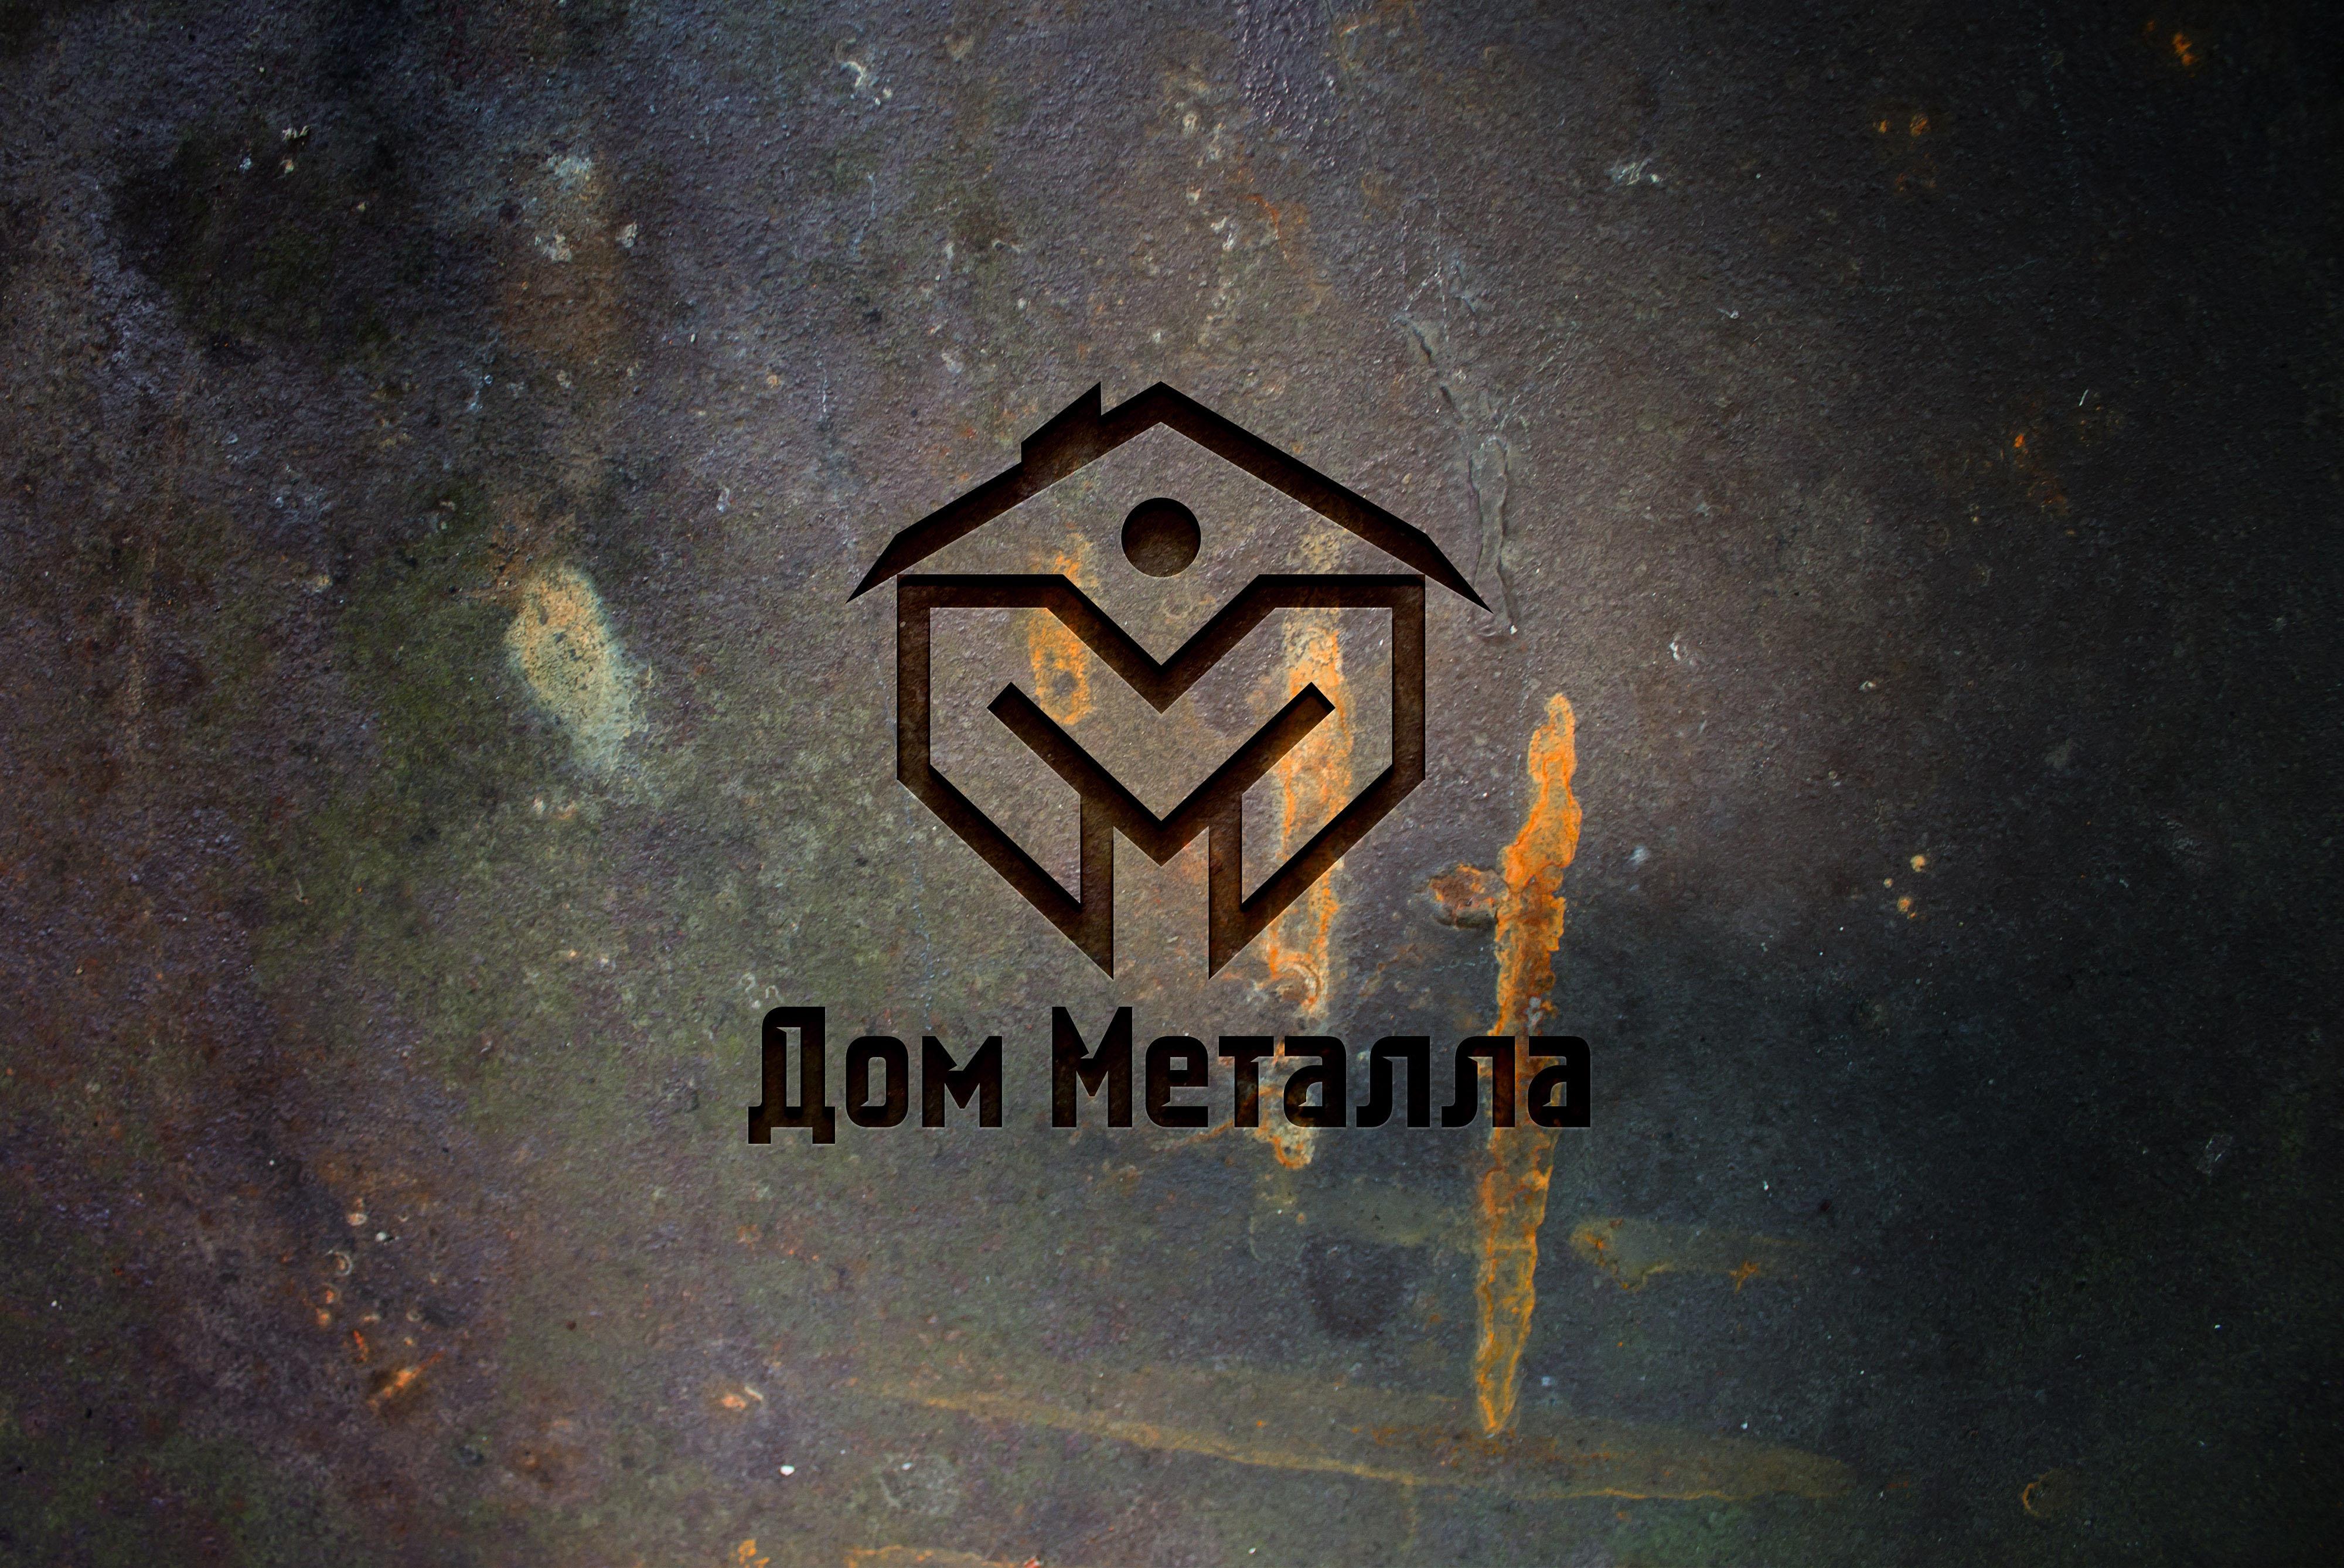 Разработка логотипа фото f_1765c5d65d7b4856.jpg